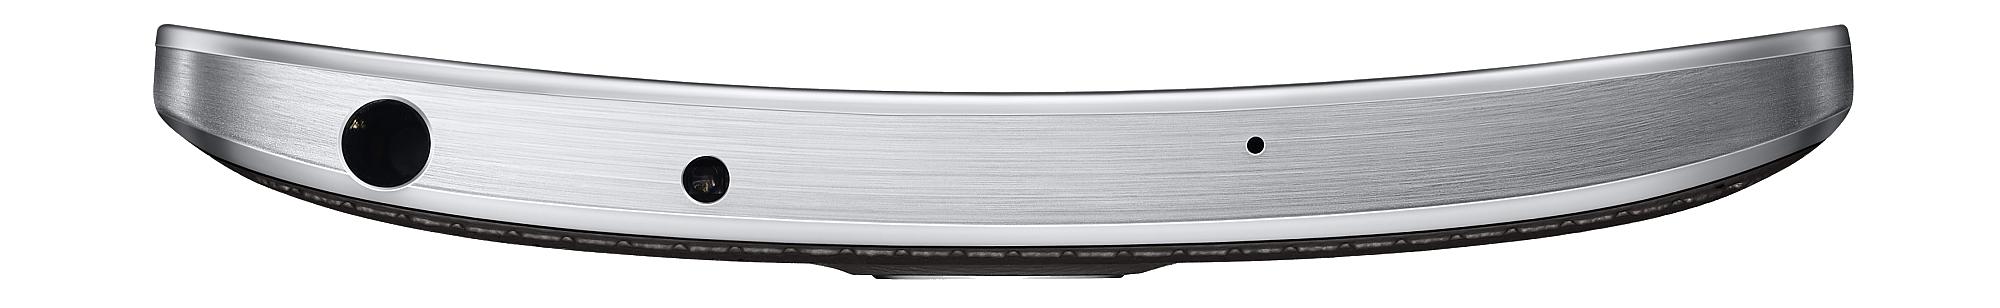 Samsung-Galaxy-Round-1-IloveSamsung